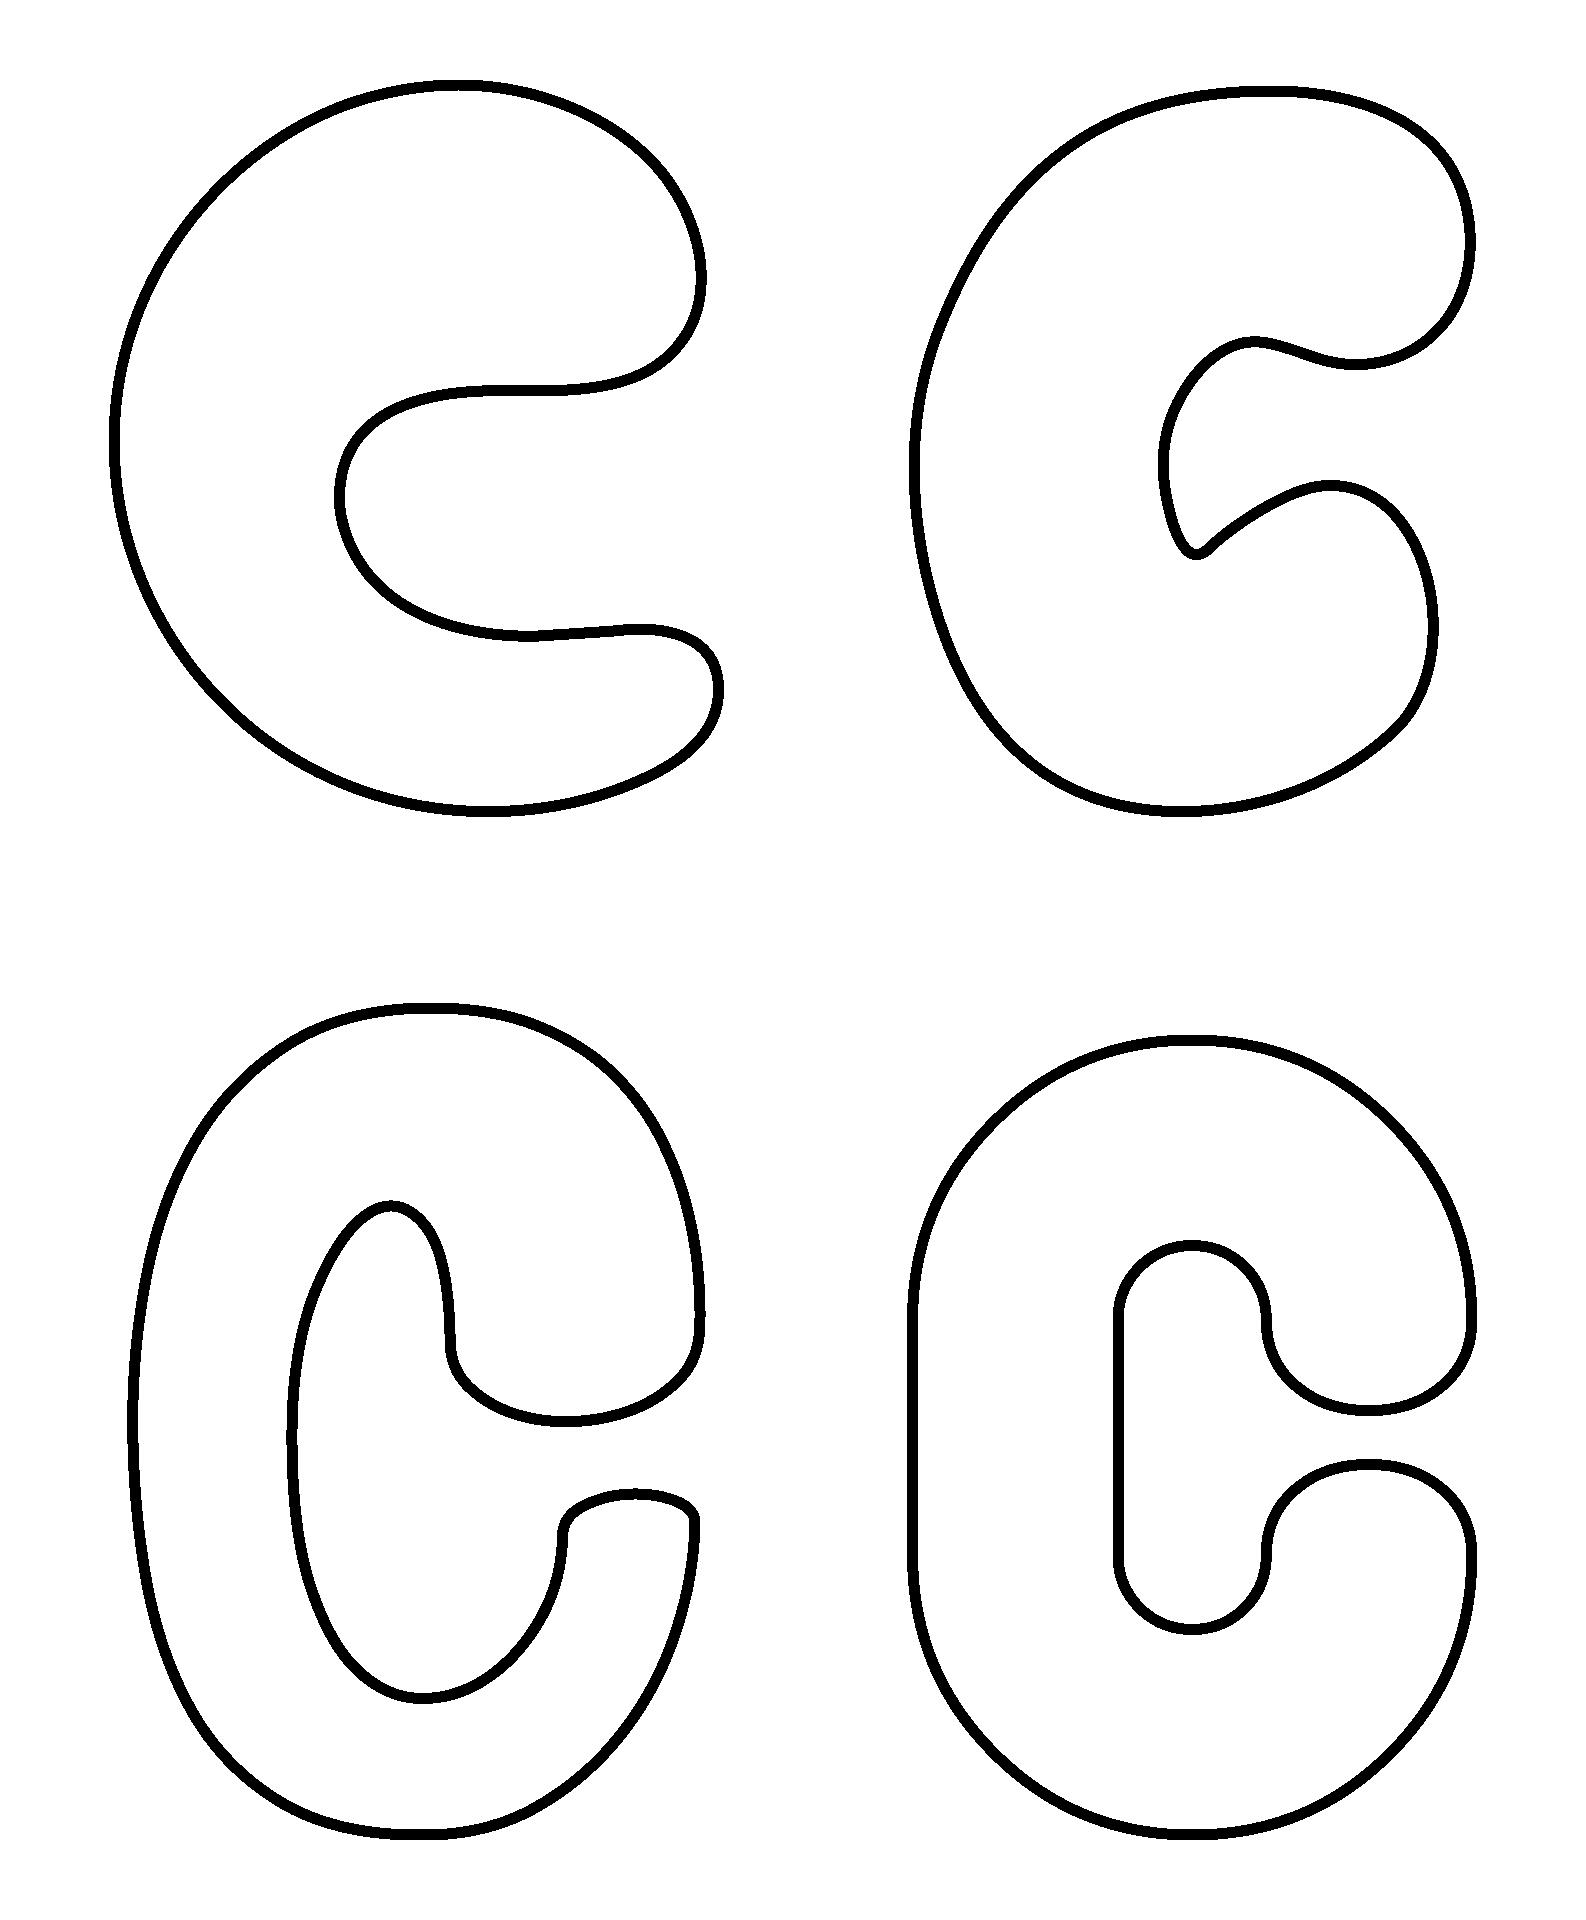 Printable Bubble Letter C